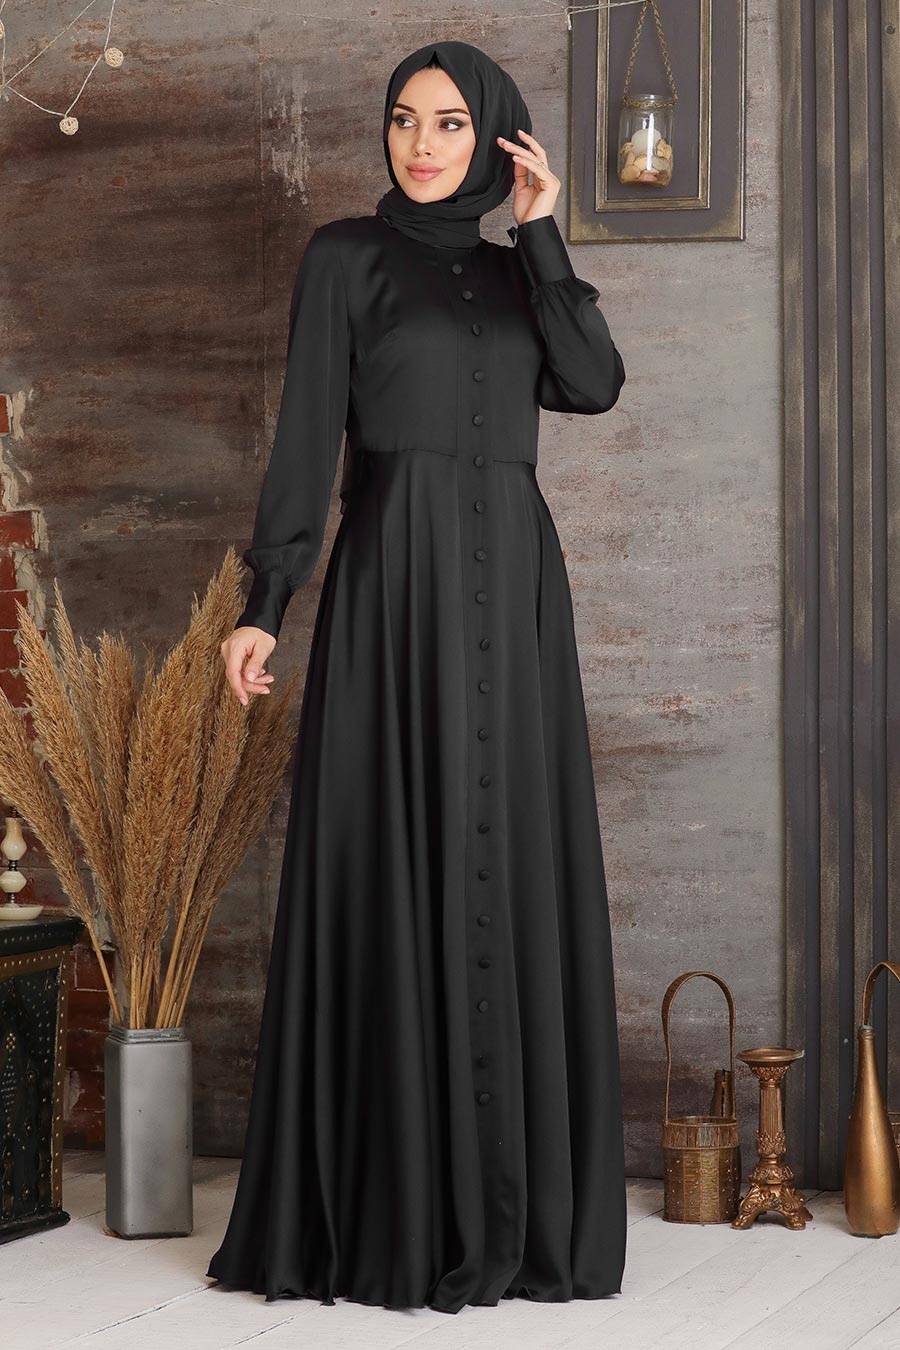 Tesettürlü Abiye Elbise - Düğmeli Siyah Tesettür Abiye Elbise 25520S